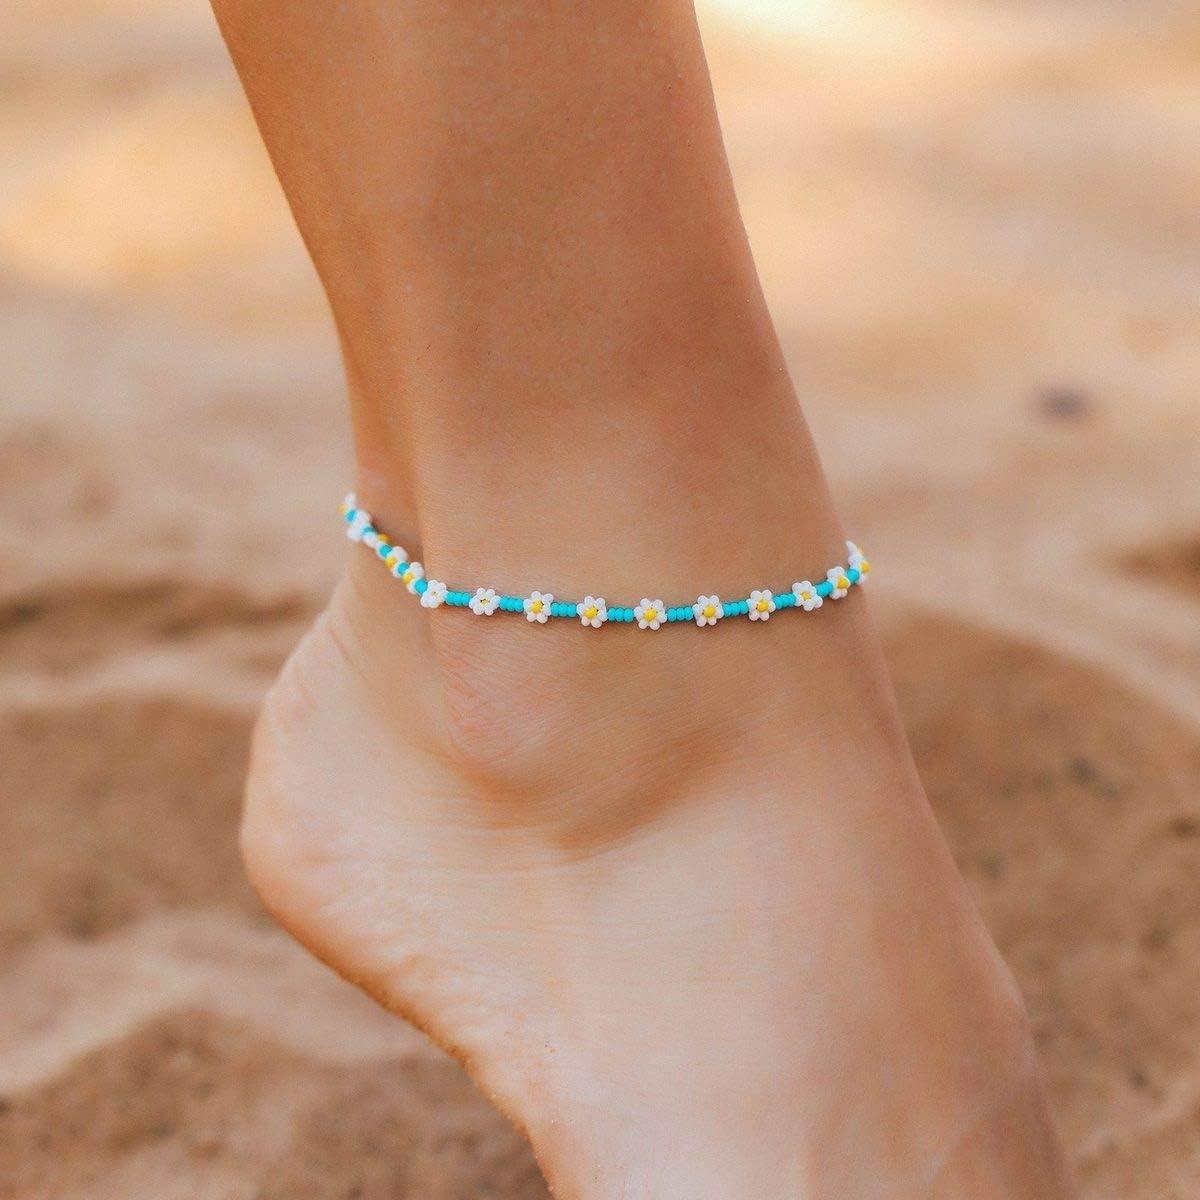 malachite anklet flower anklet green malachite anklet anklet for women beach anklet daisy anklet bohemian anklet gemstone anklet